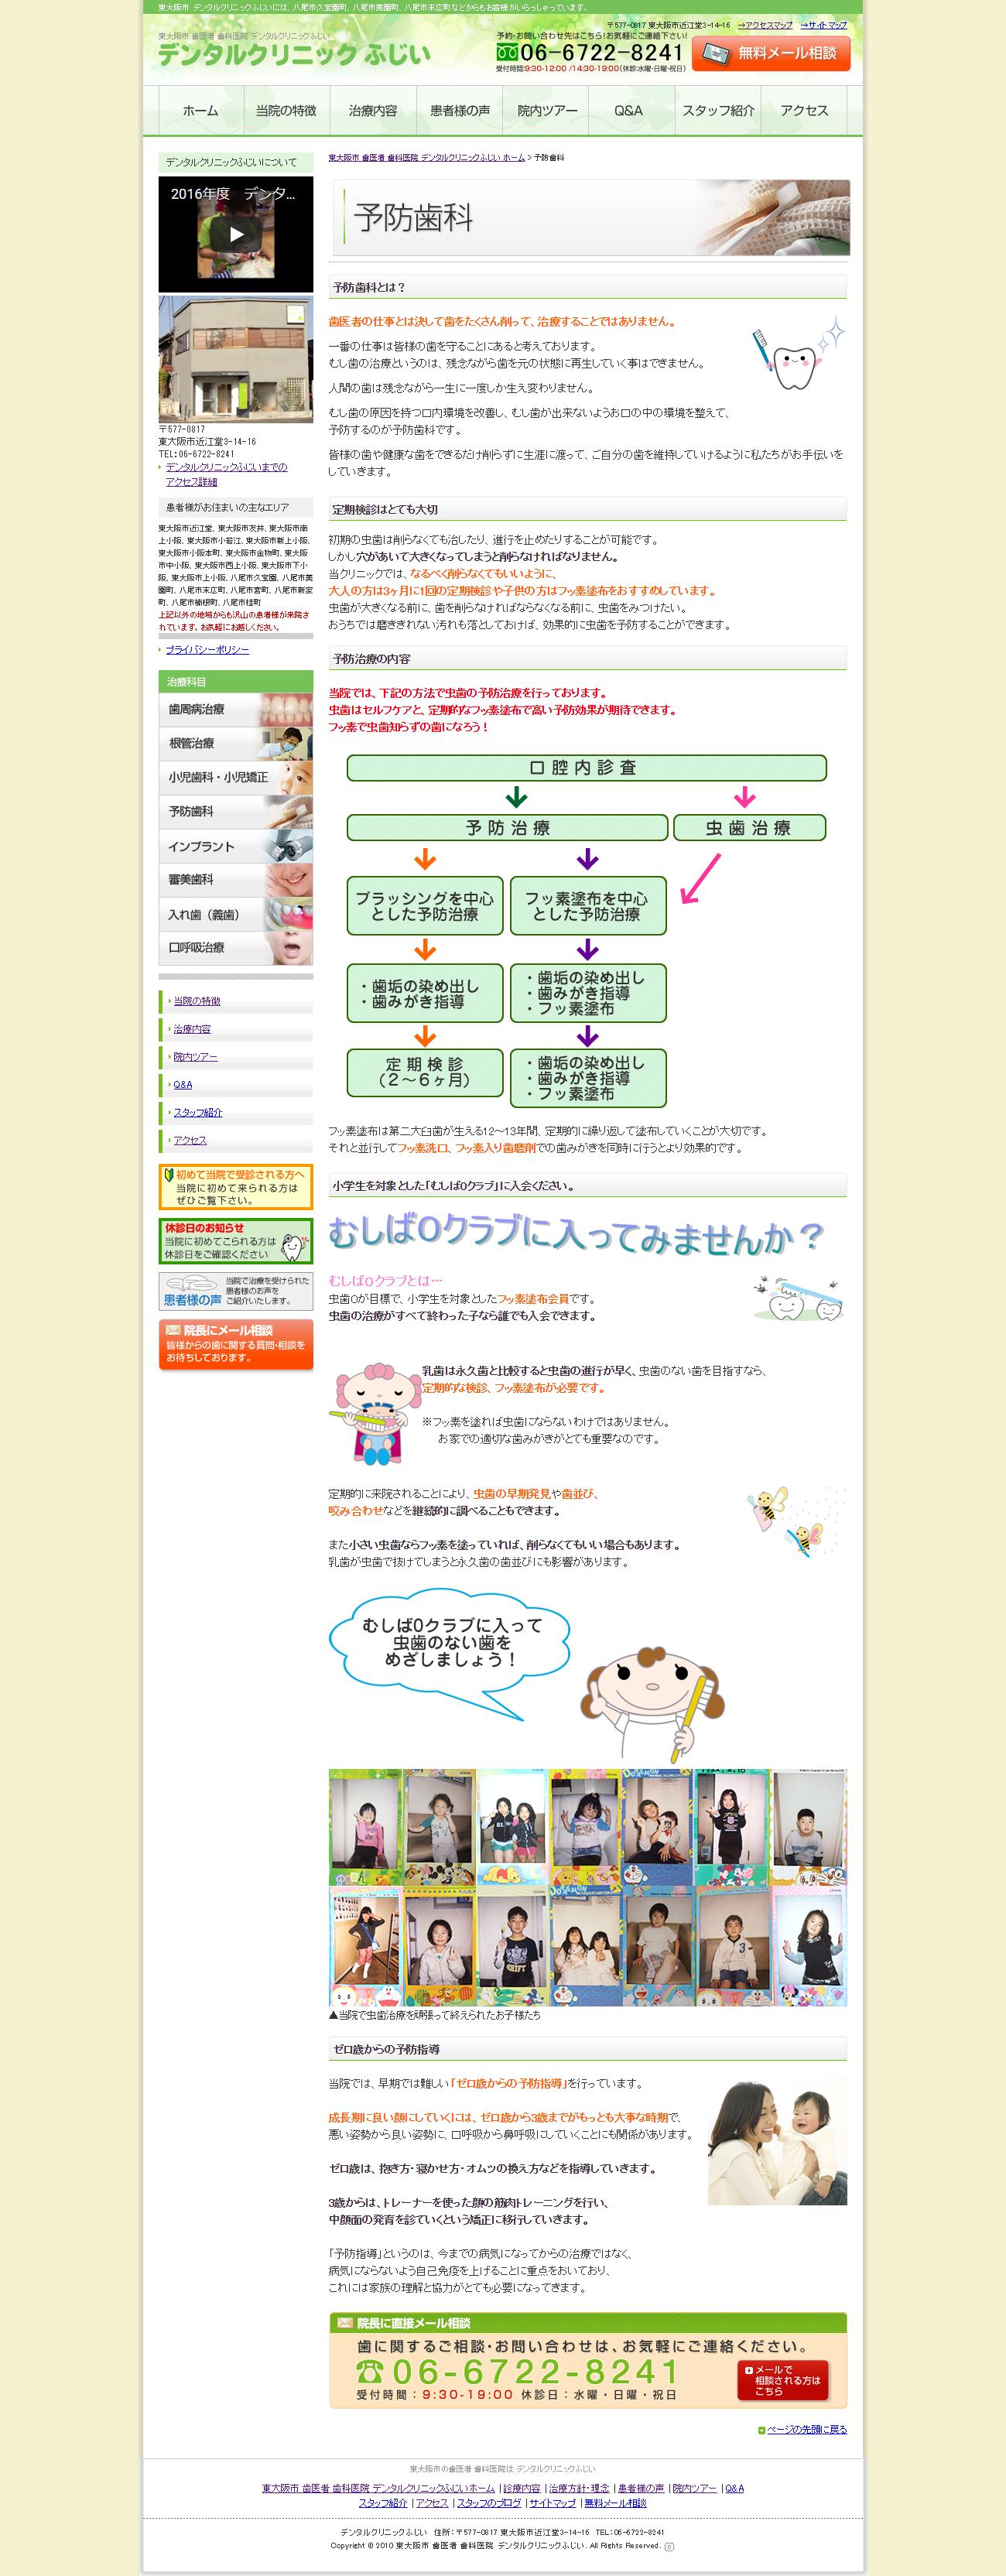 デンタルクリニックふじい様 ホームページ制作2